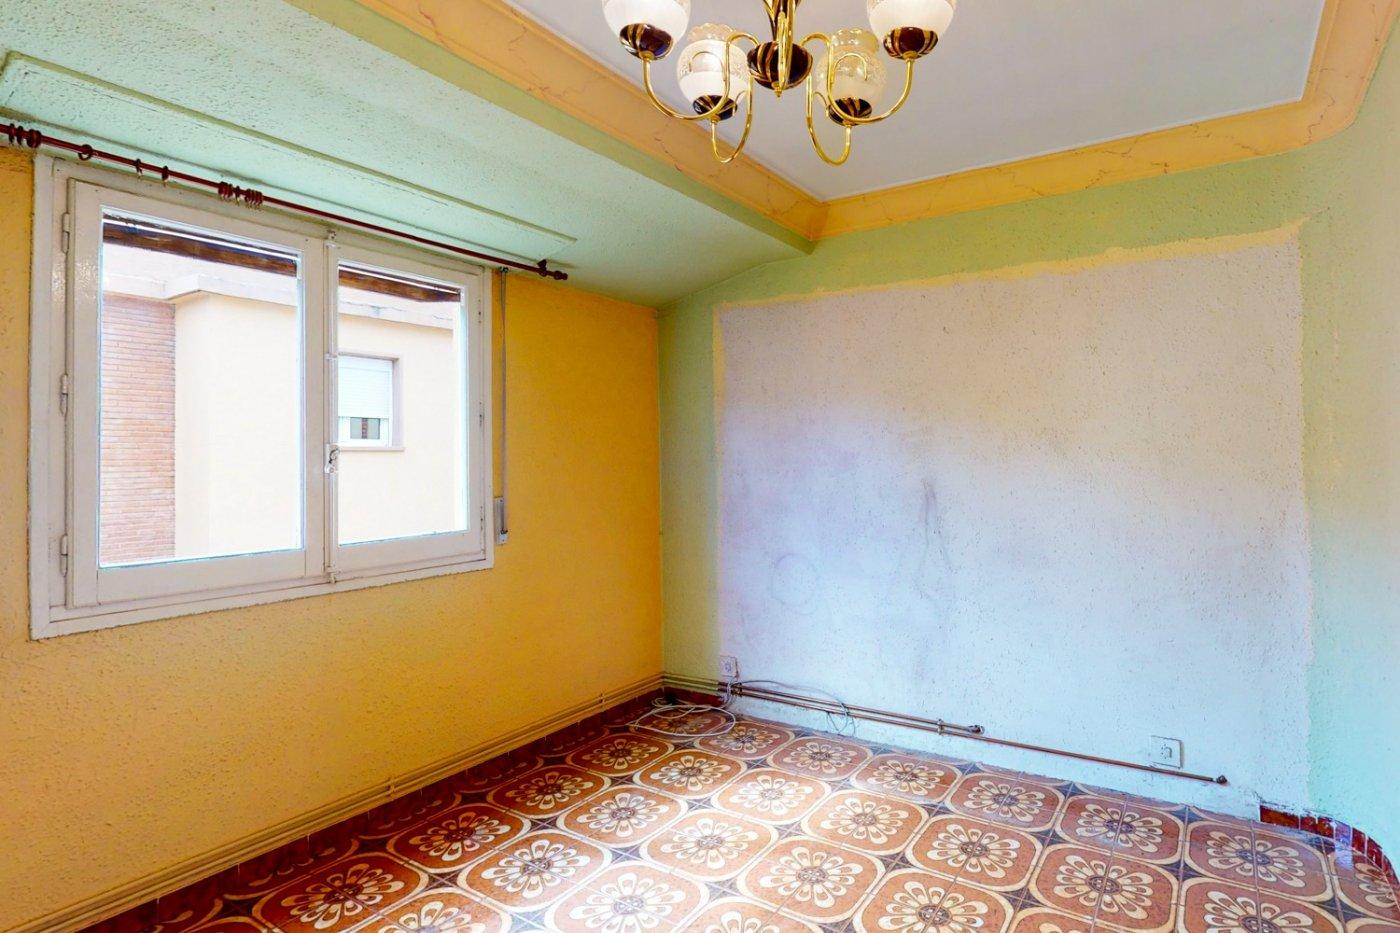 Piso a la venta en c/ lugo, exterior, de tres dormitorios, salon, cocina y baÑo. - imagenInmueble3